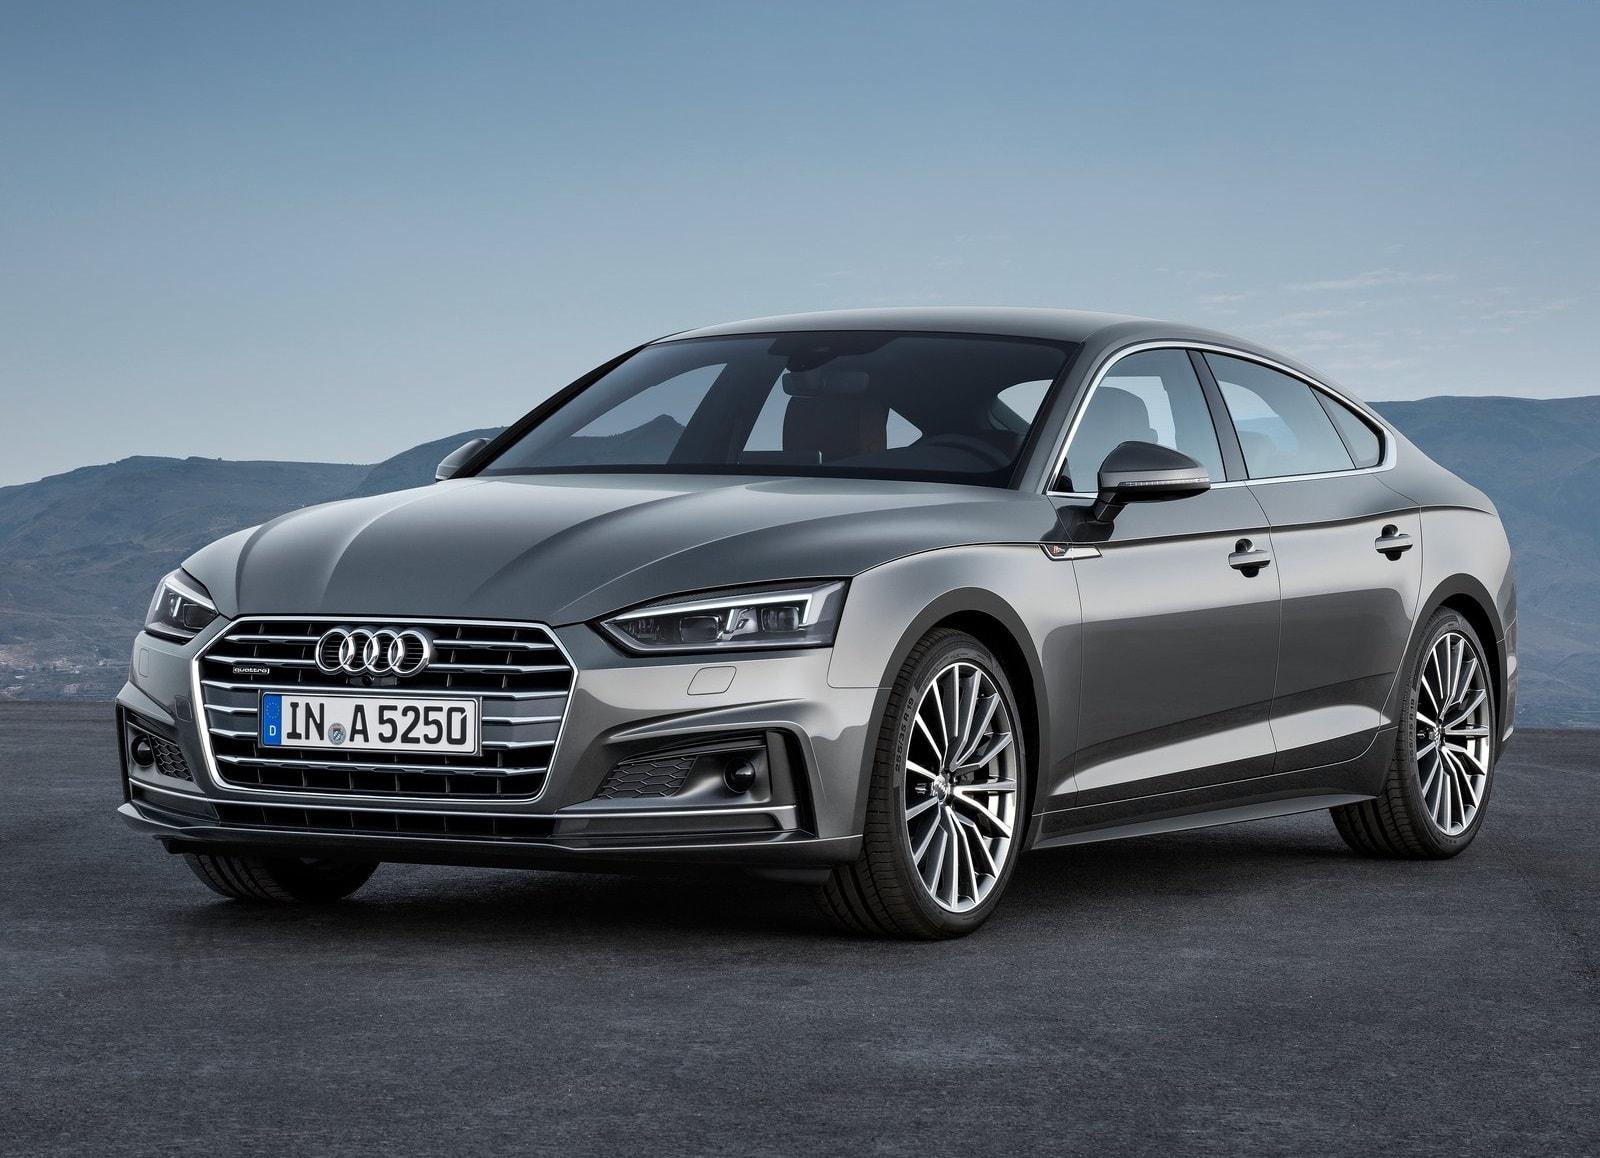 Audi A5 Coupe II HD pics